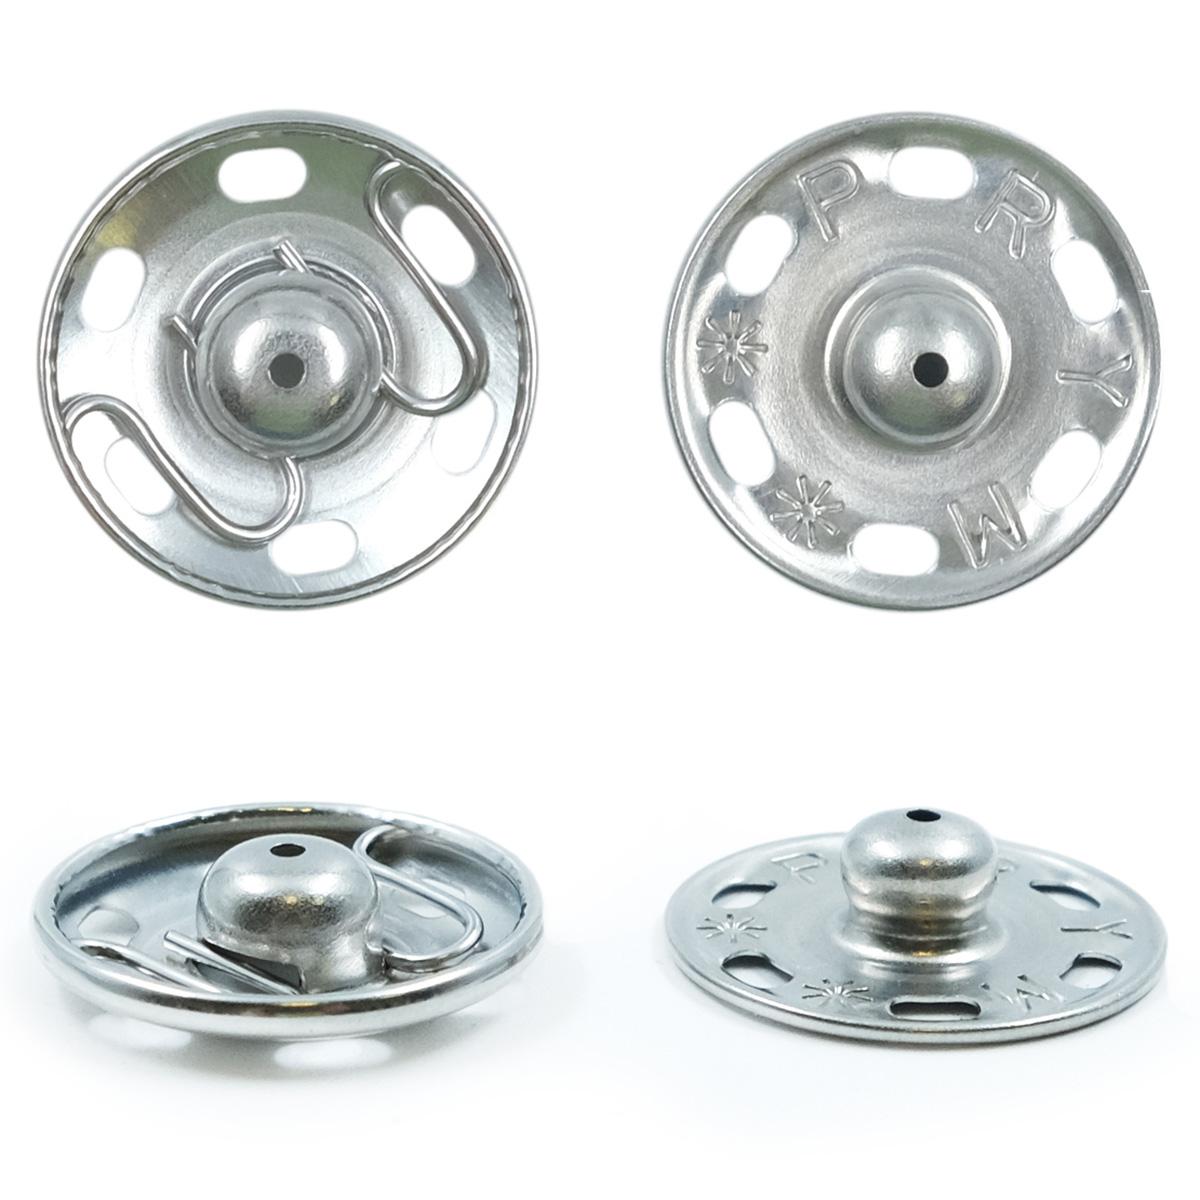 341252 Пришивные кнопки (латунь) серебристый цв. 21 мм Prym